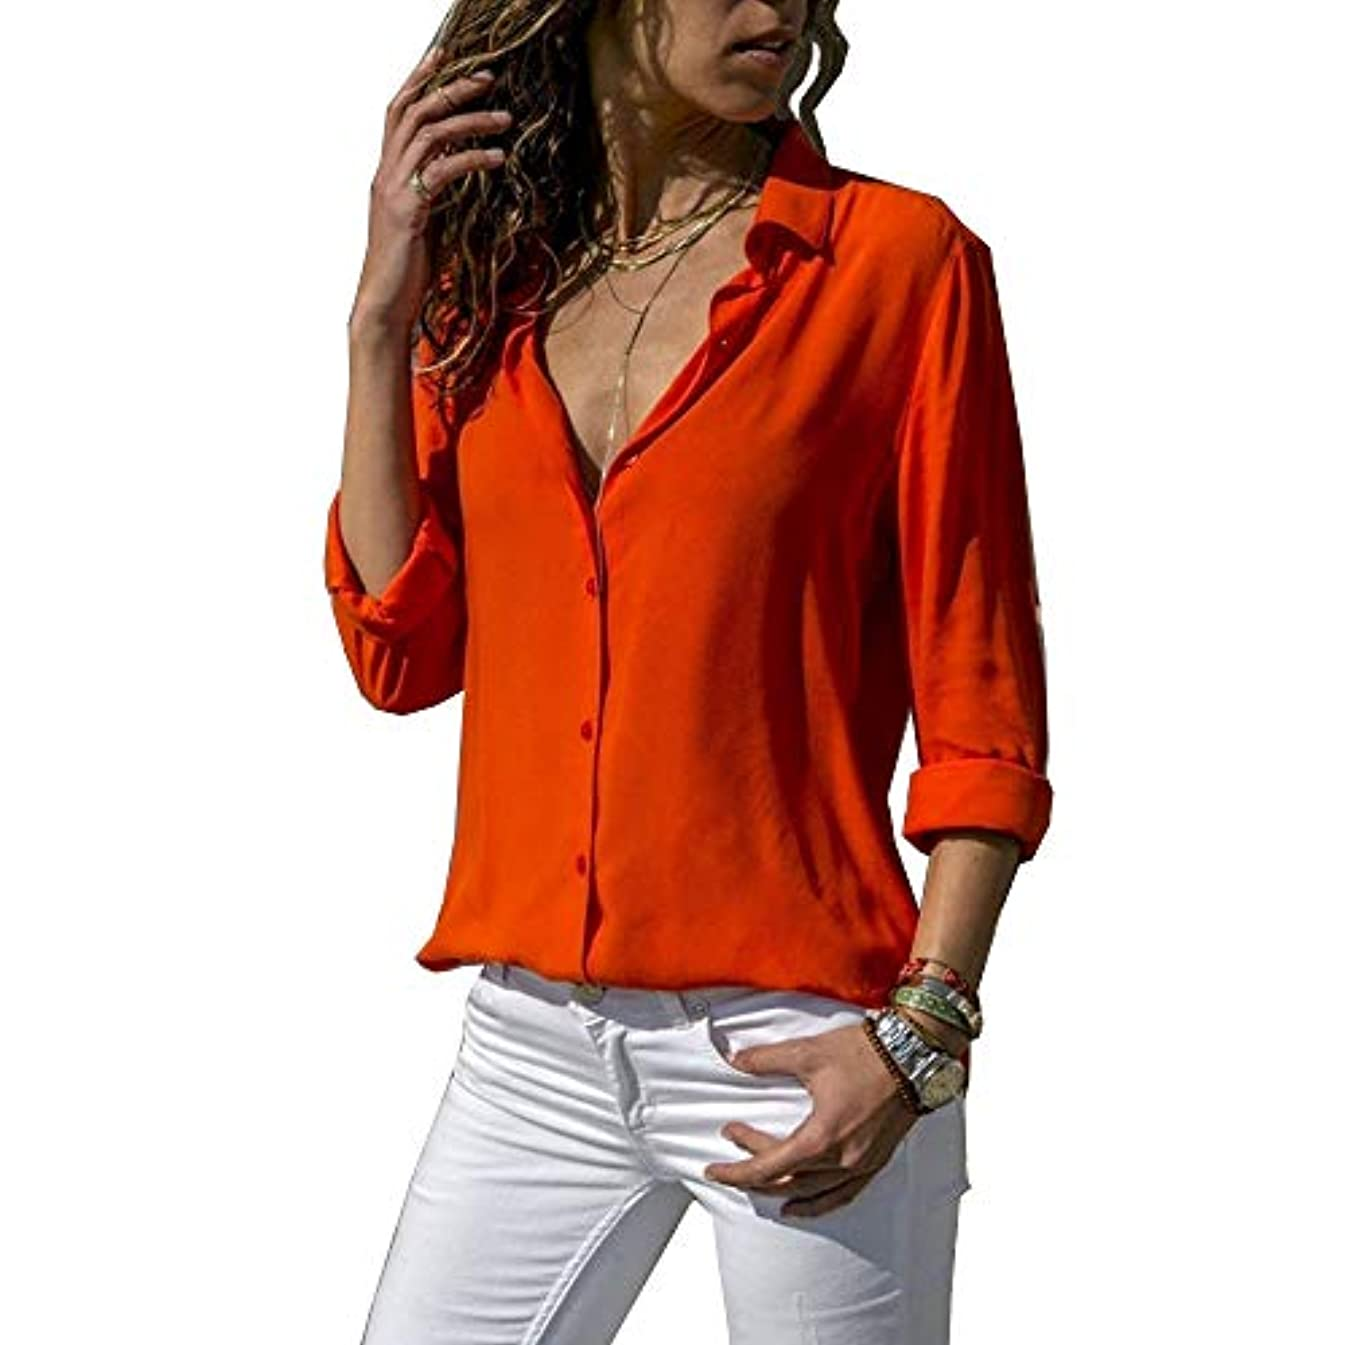 厳今雄弁MIFAN ルーズシャツ、トップス&Tシャツ、プラスサイズ、トップス&ブラウス、シフォンブラウス、女性トップス、シフォンシャツ